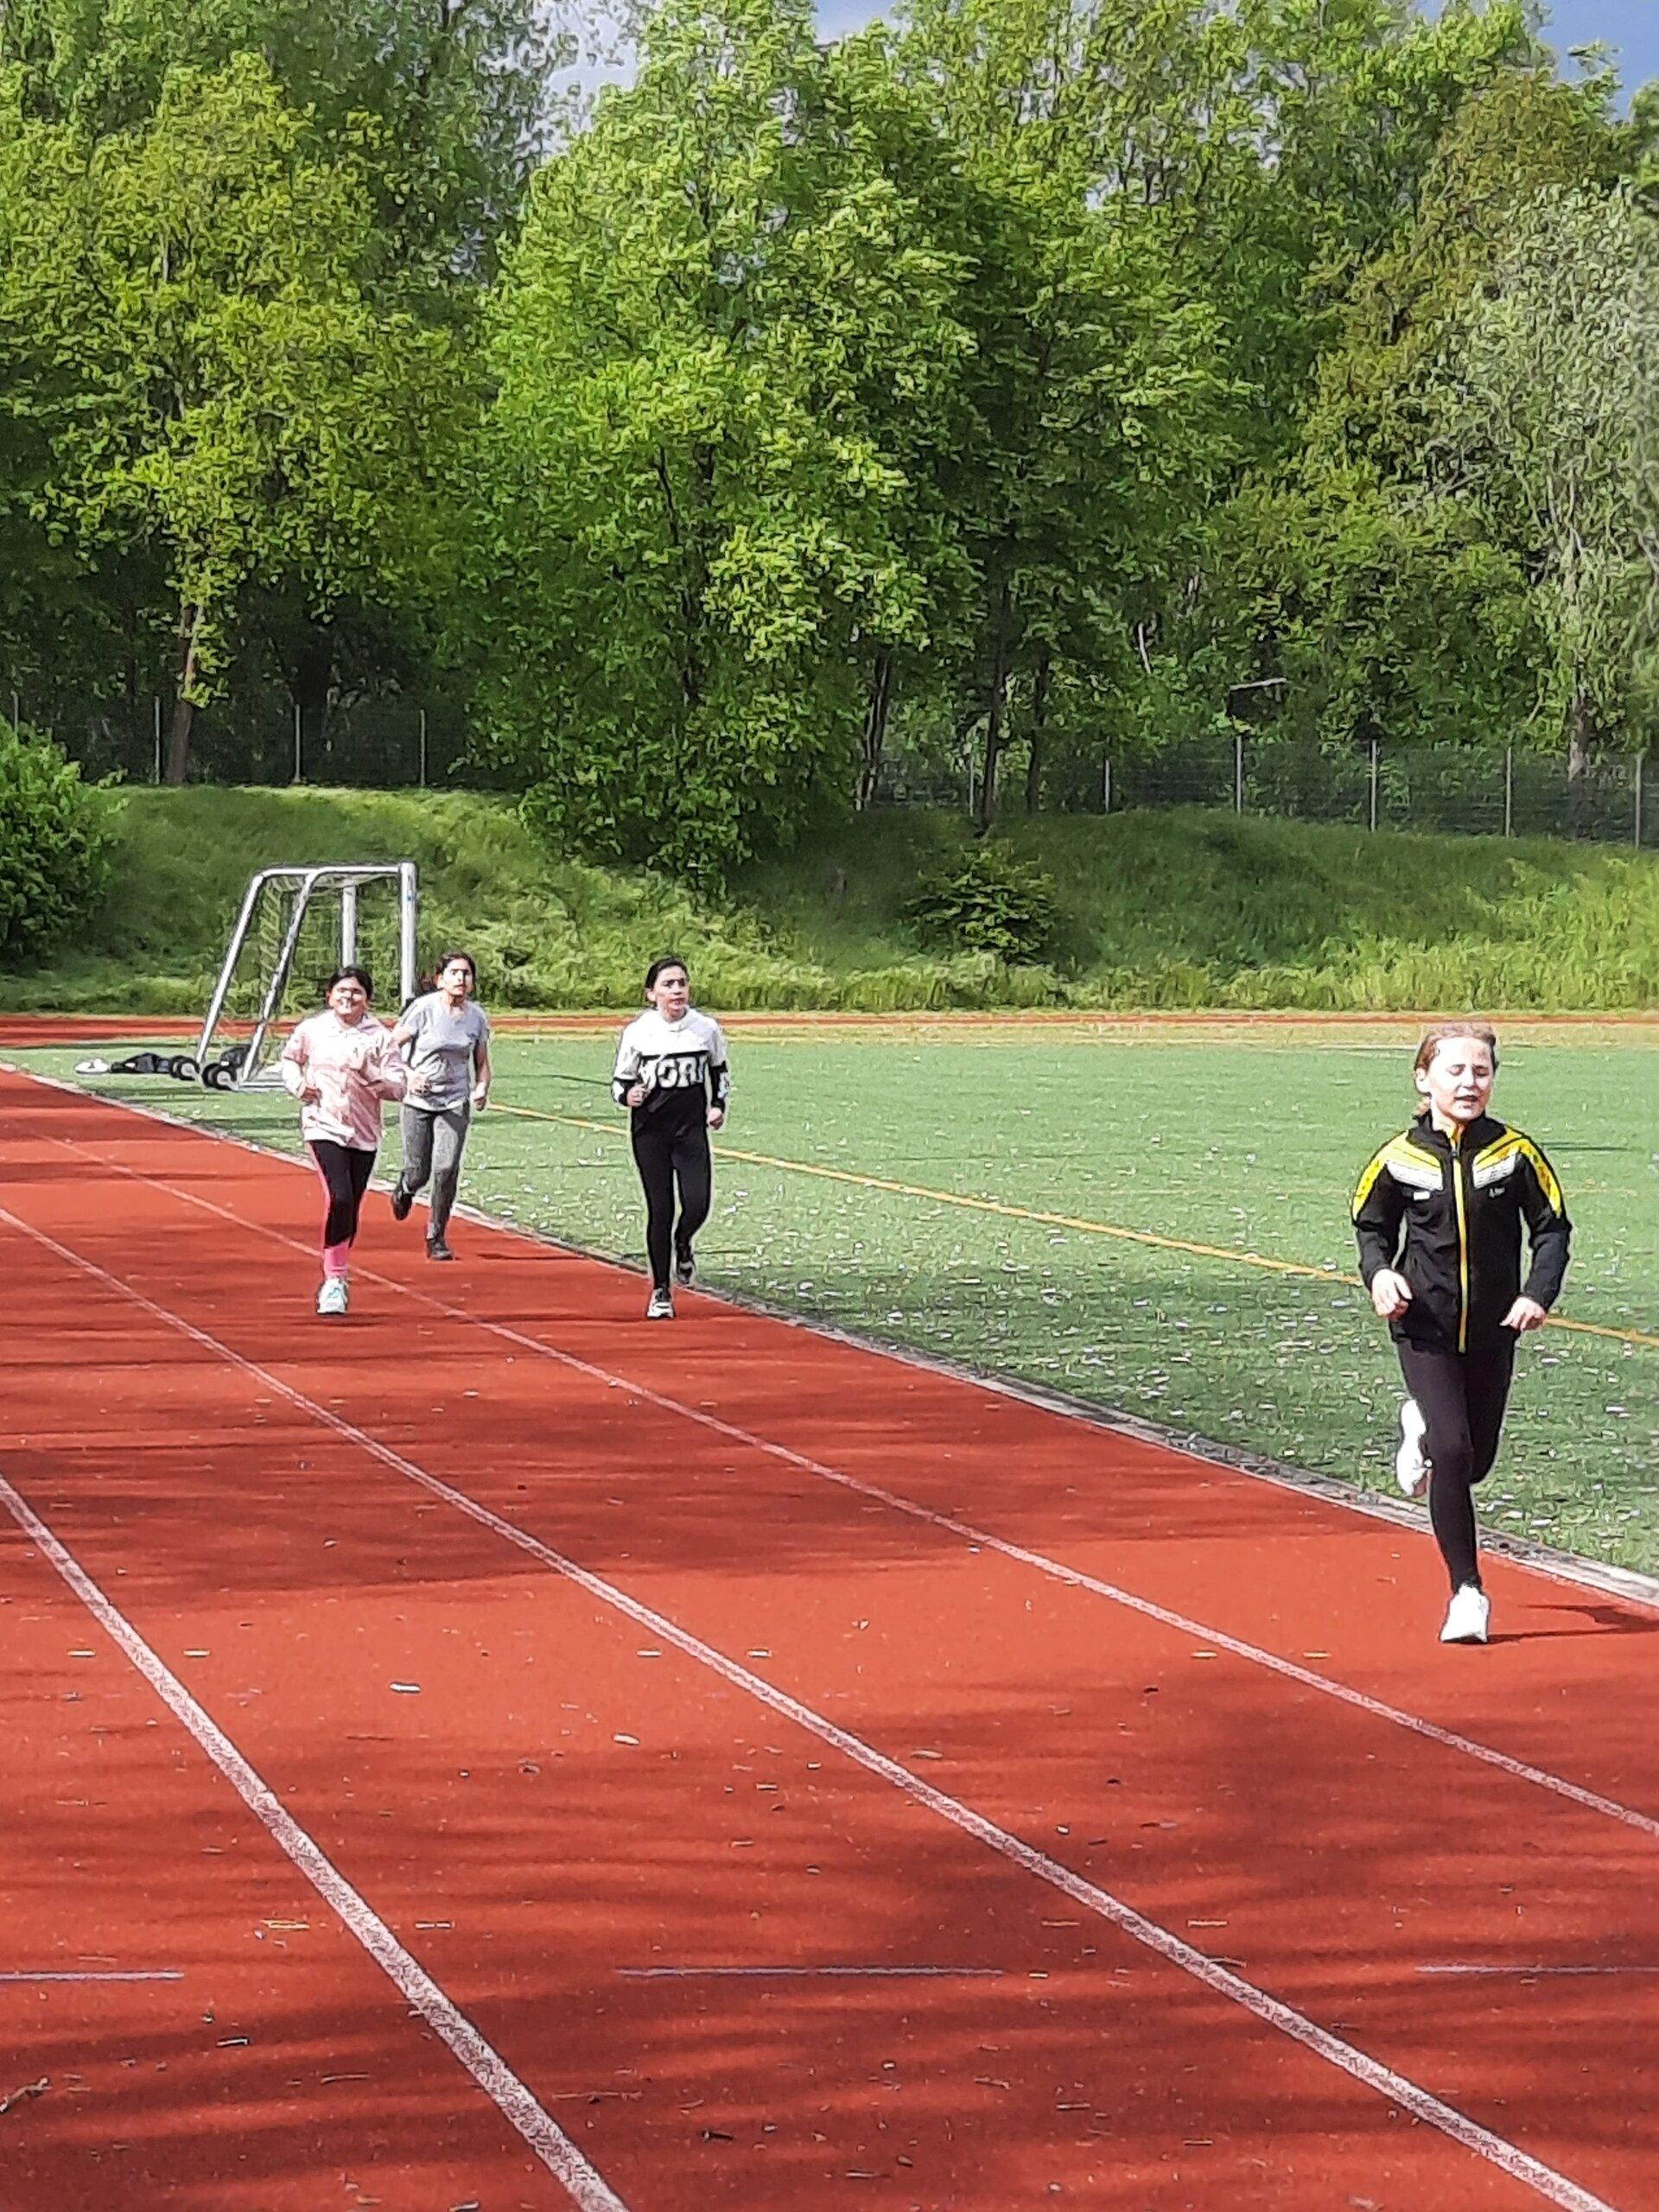 2 Rinden 800 m Laufen